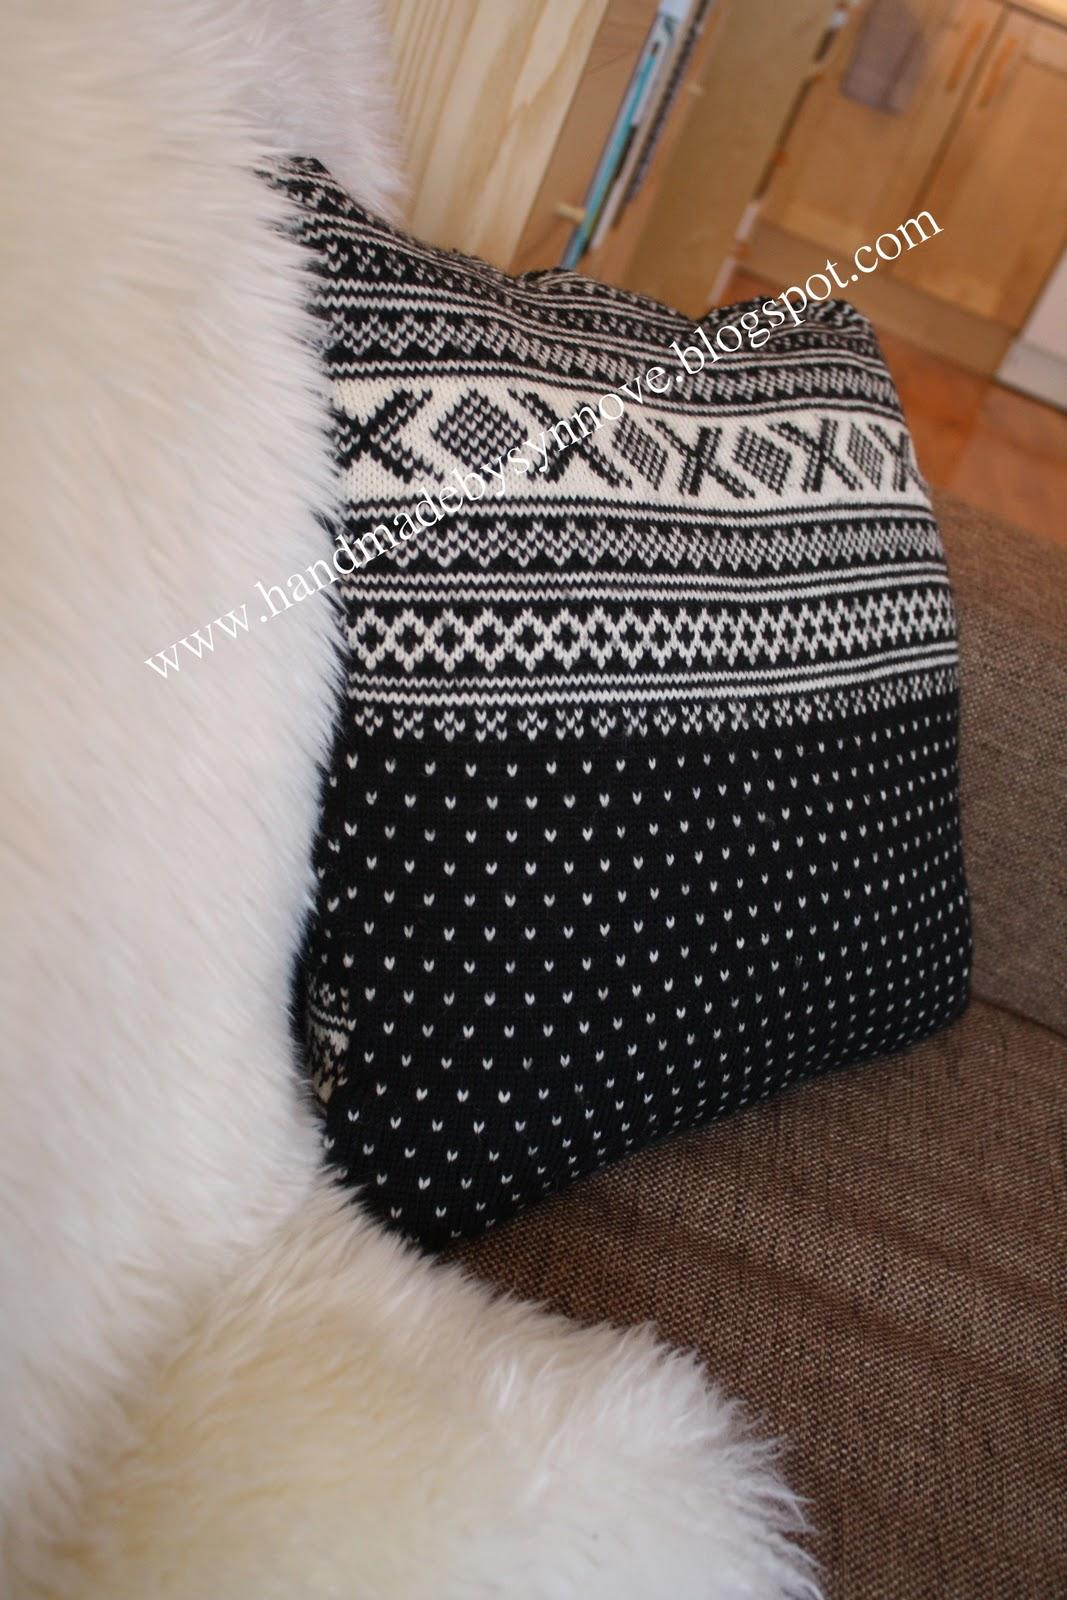 7e40d66a Størrelsen er 45*45 cm, og inni har jeg en dunpute fra Princess - herlig  myk og passe fluffy. Trenger jeg å si at genserens ermer ligger i  strikkekurven, ...